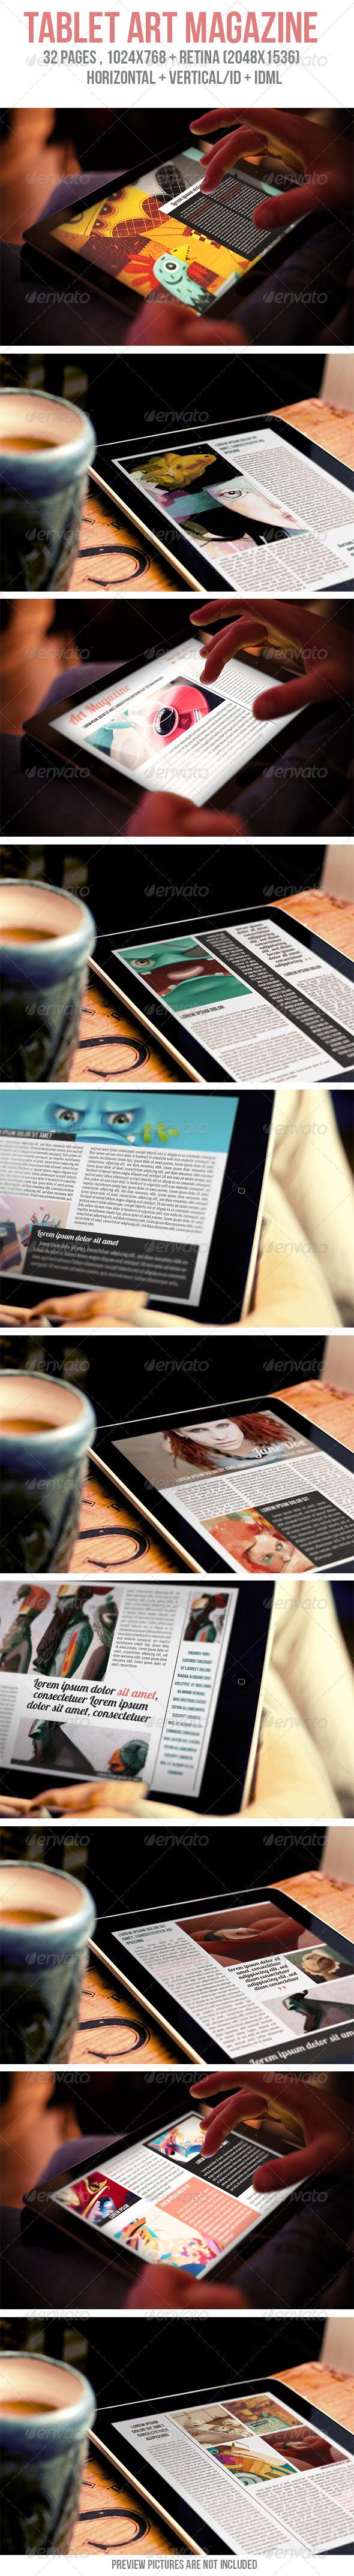 iPad & Tablet Art Magazine - Digital Magazines ePublishing